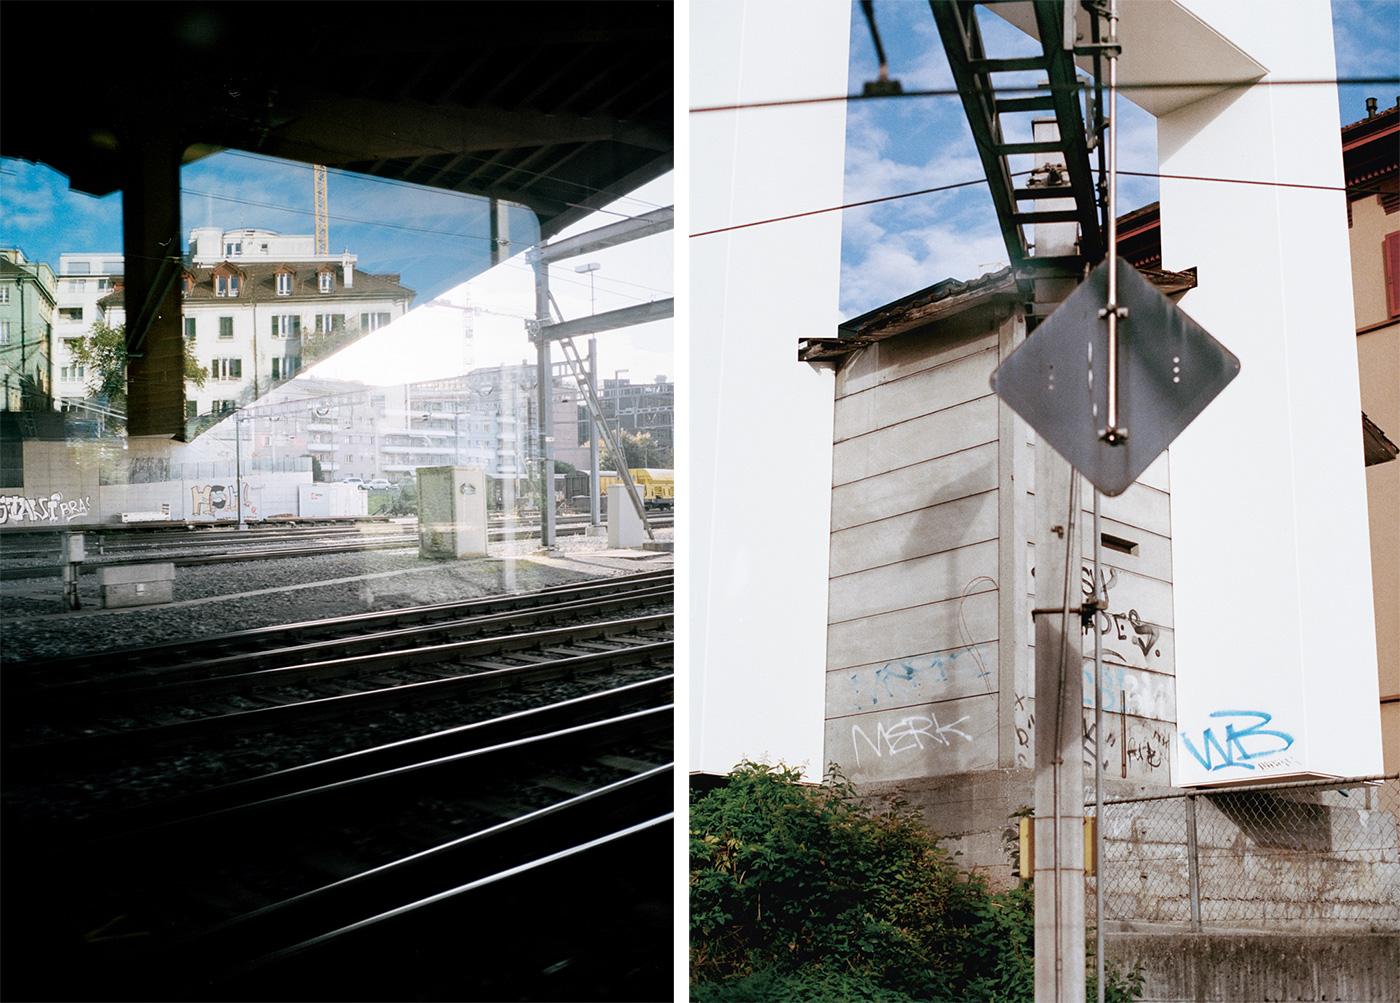 Aufnahmen durchs Zugfenster in Luzern.